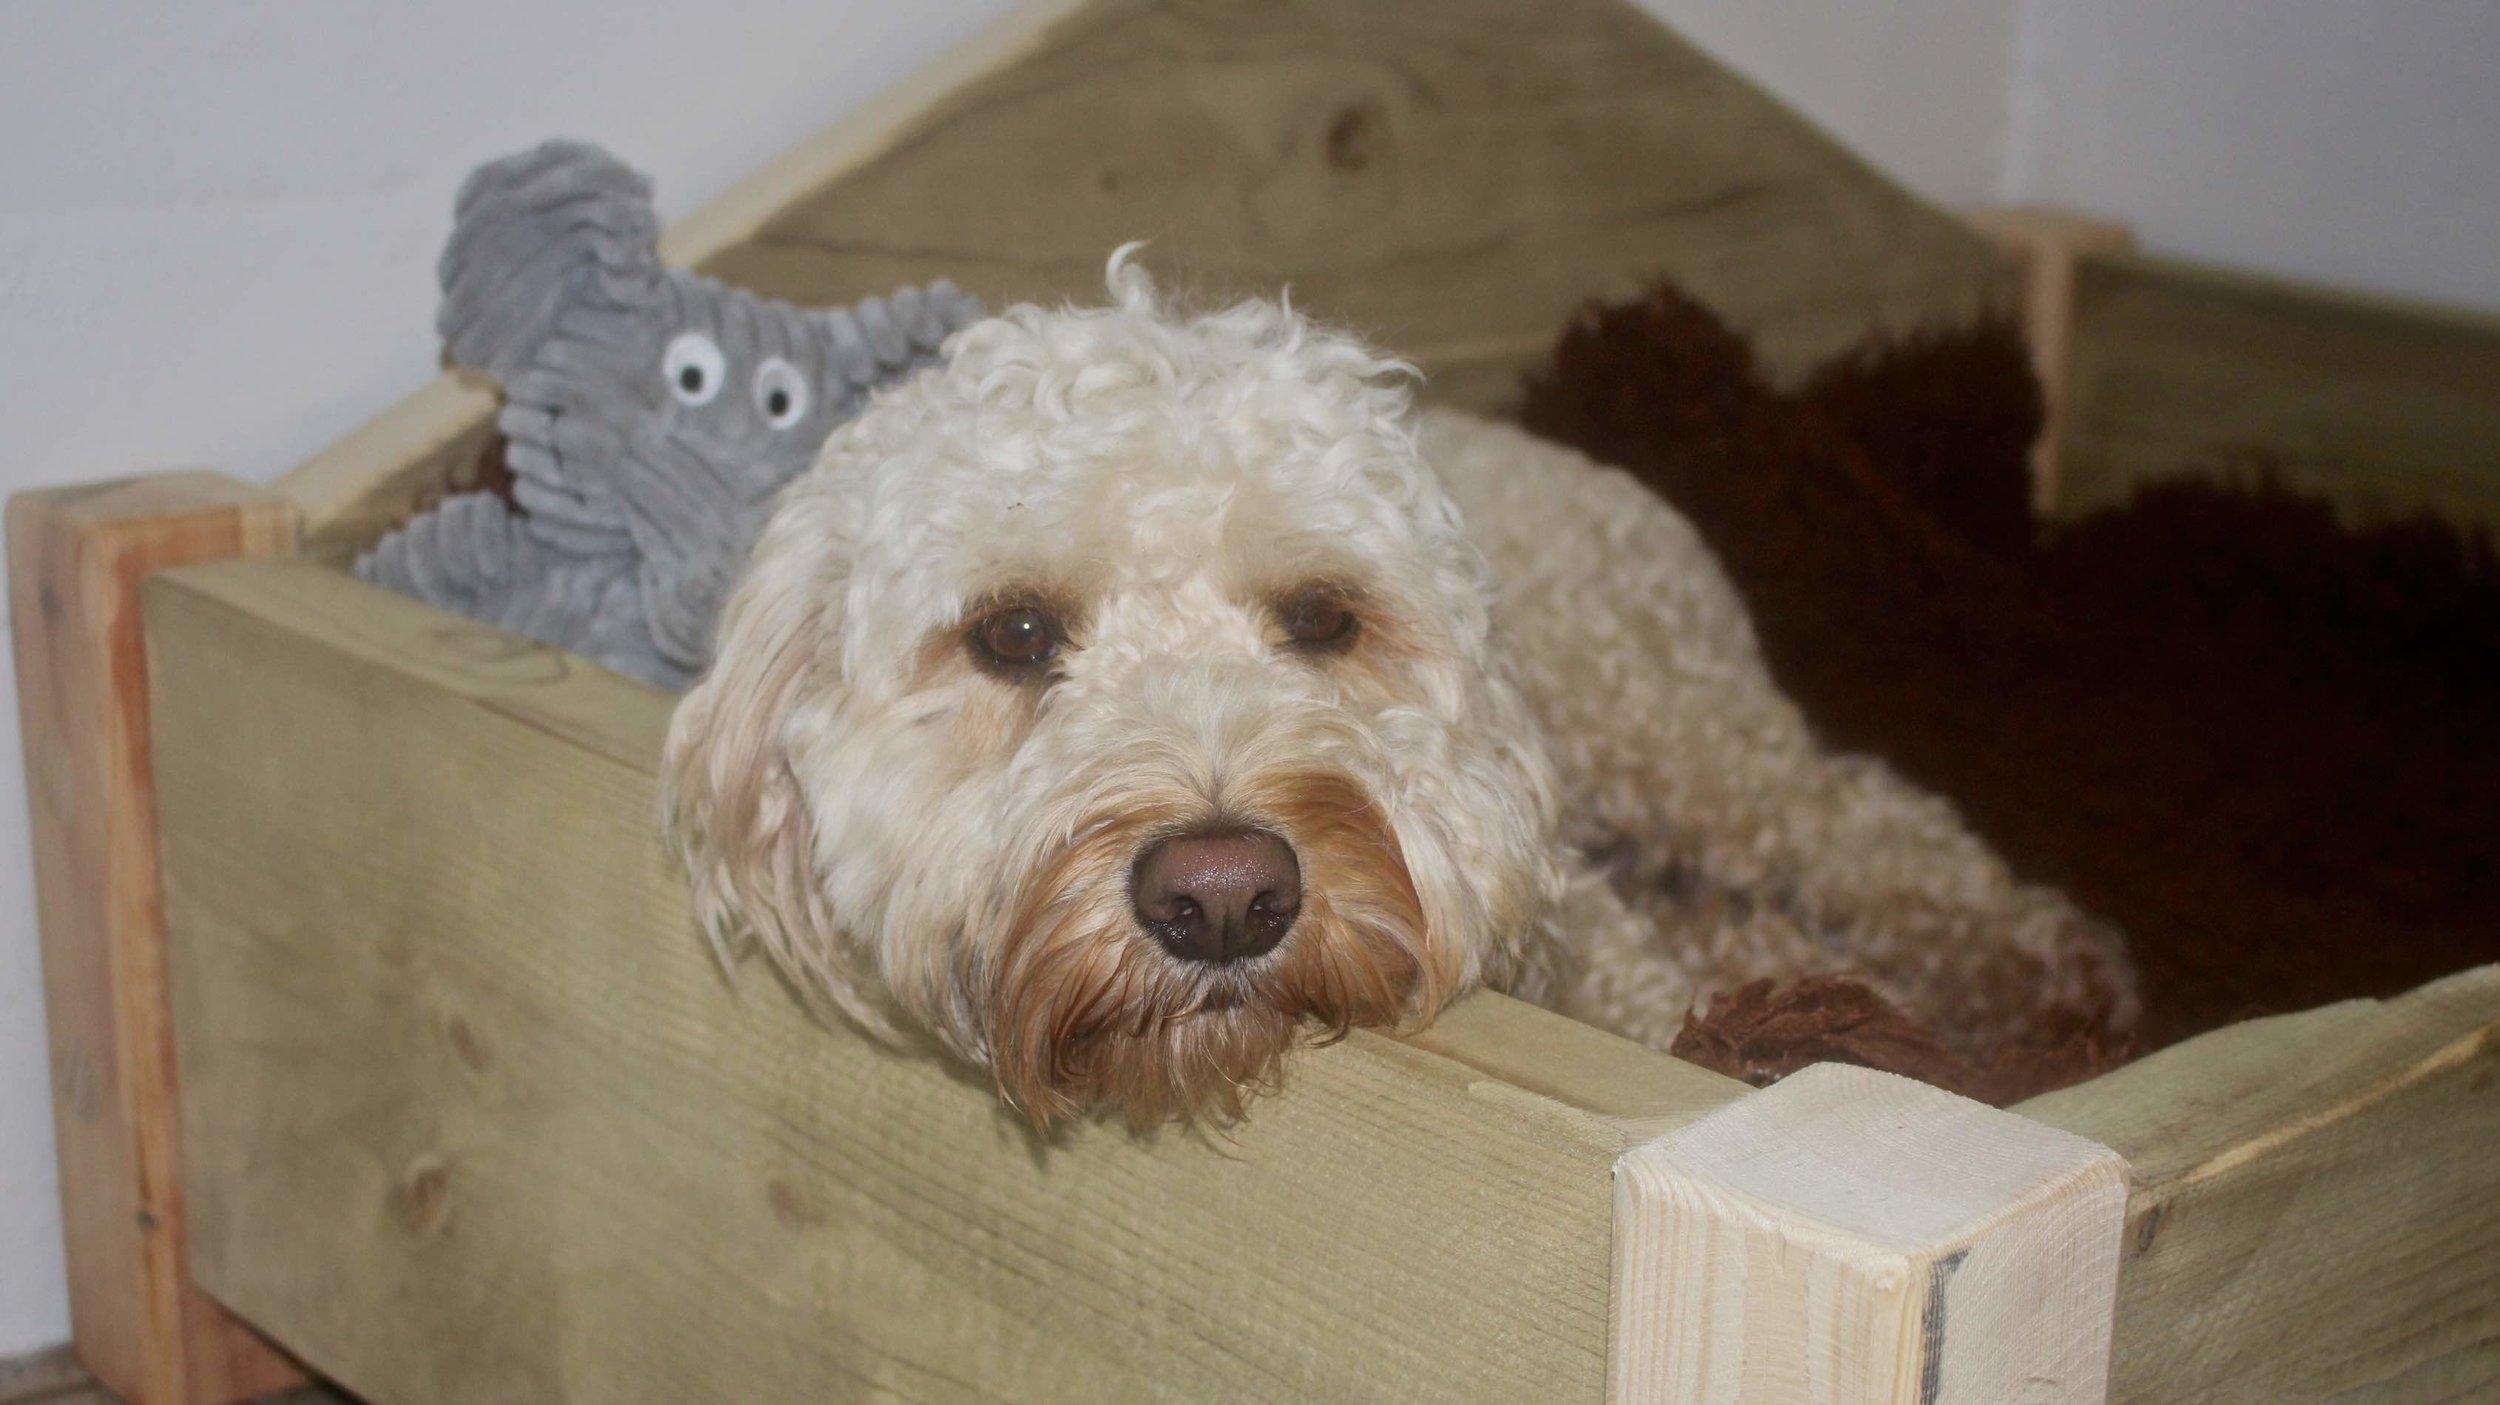 Toby in dog bed.jpg